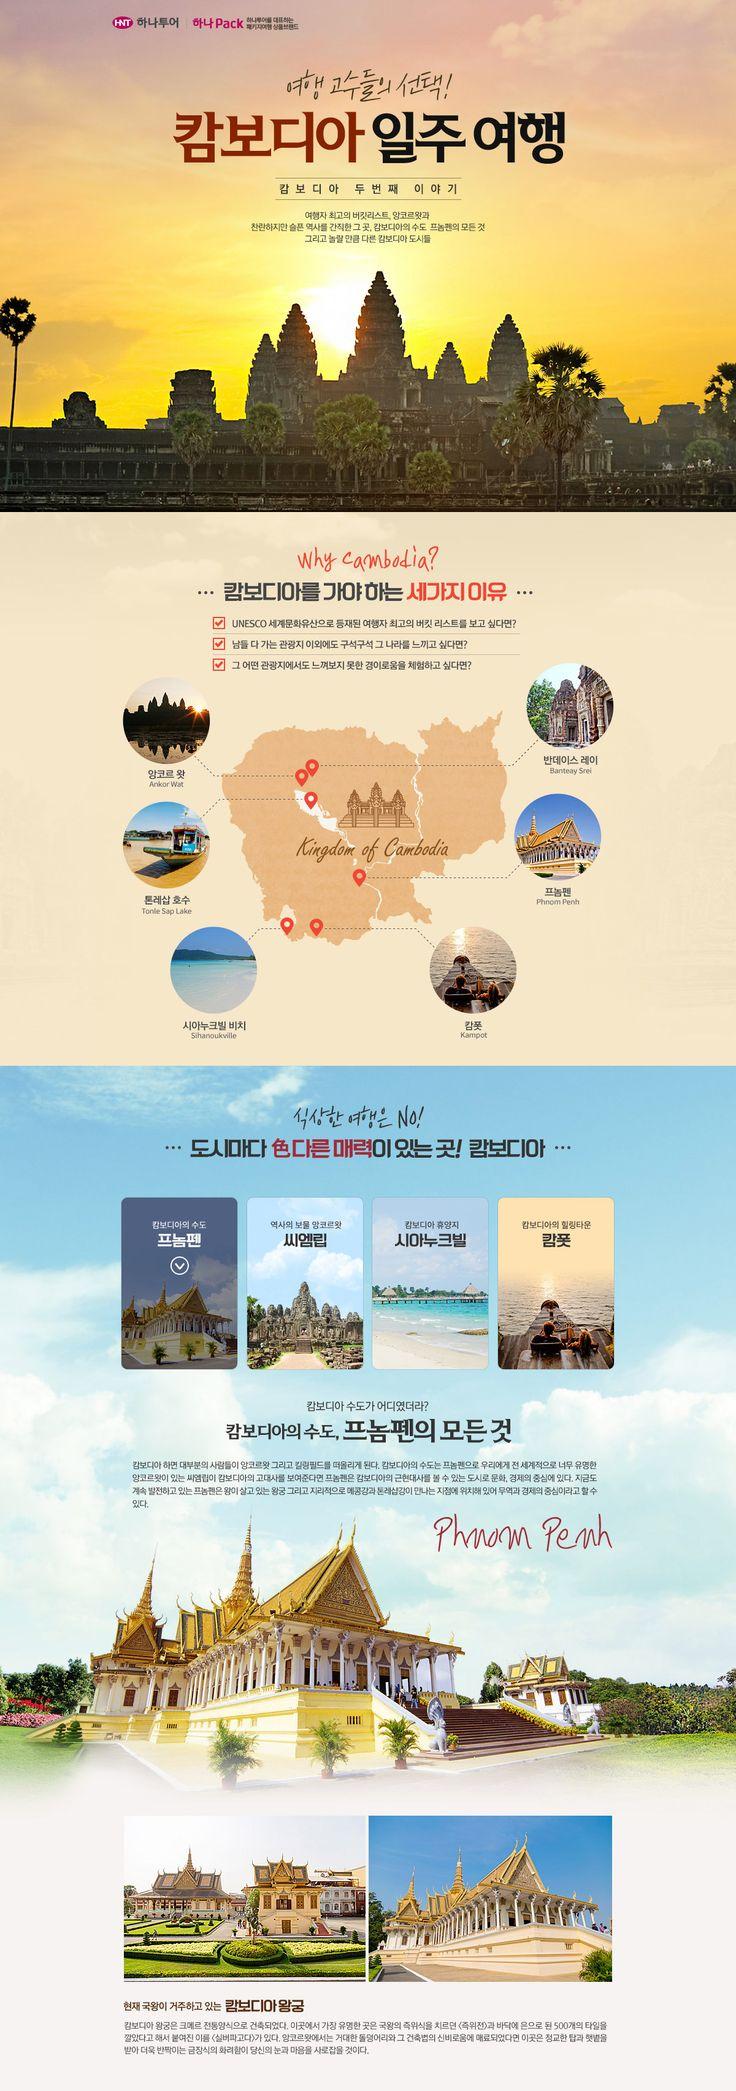 하나투어 캄보디아 여행 기획전